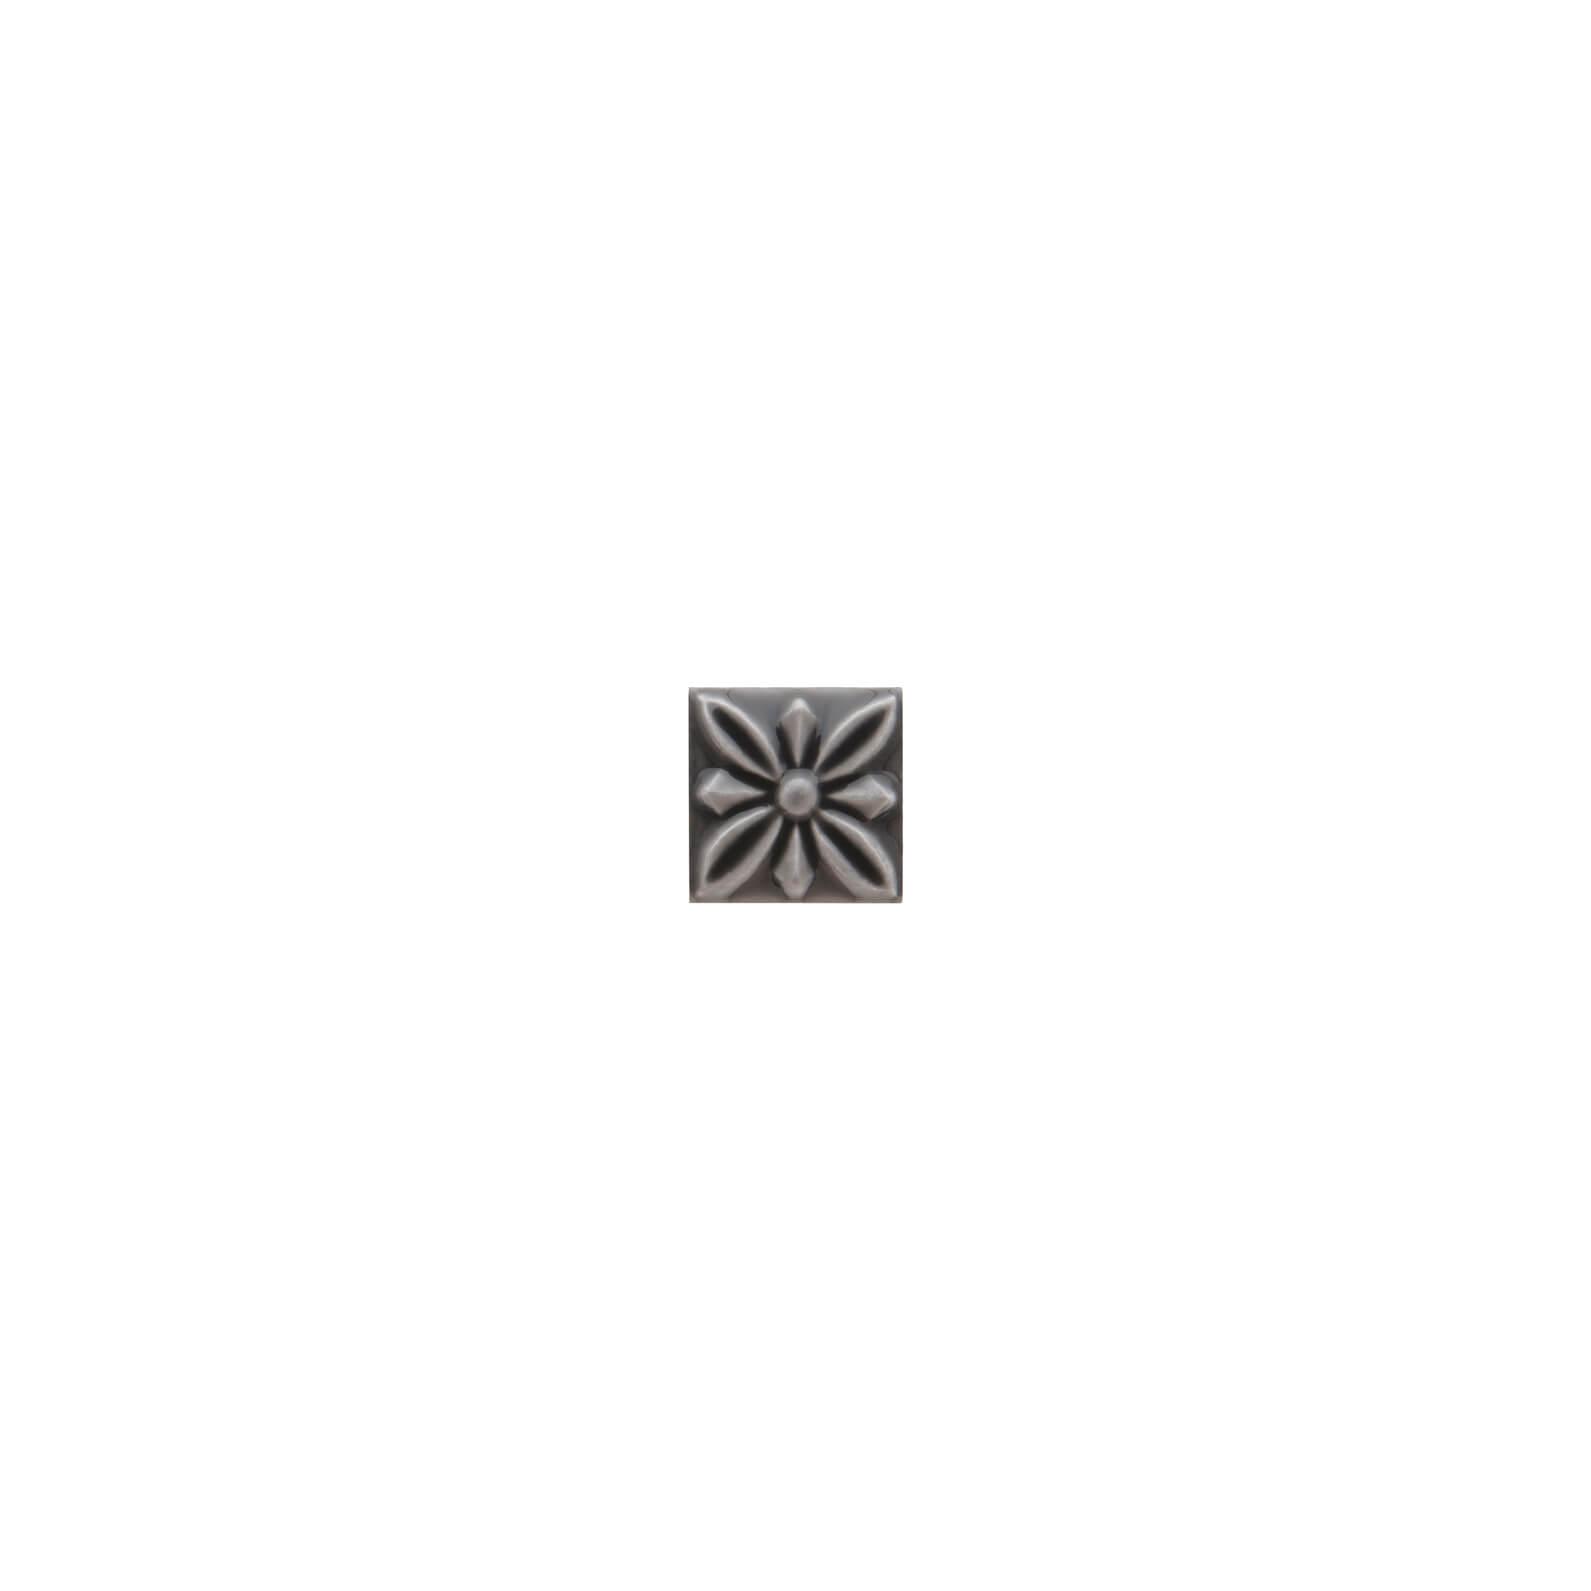 ADST4058 - TACO RELIEVE FLOR Nº 1 - 3 cm X 3 cm